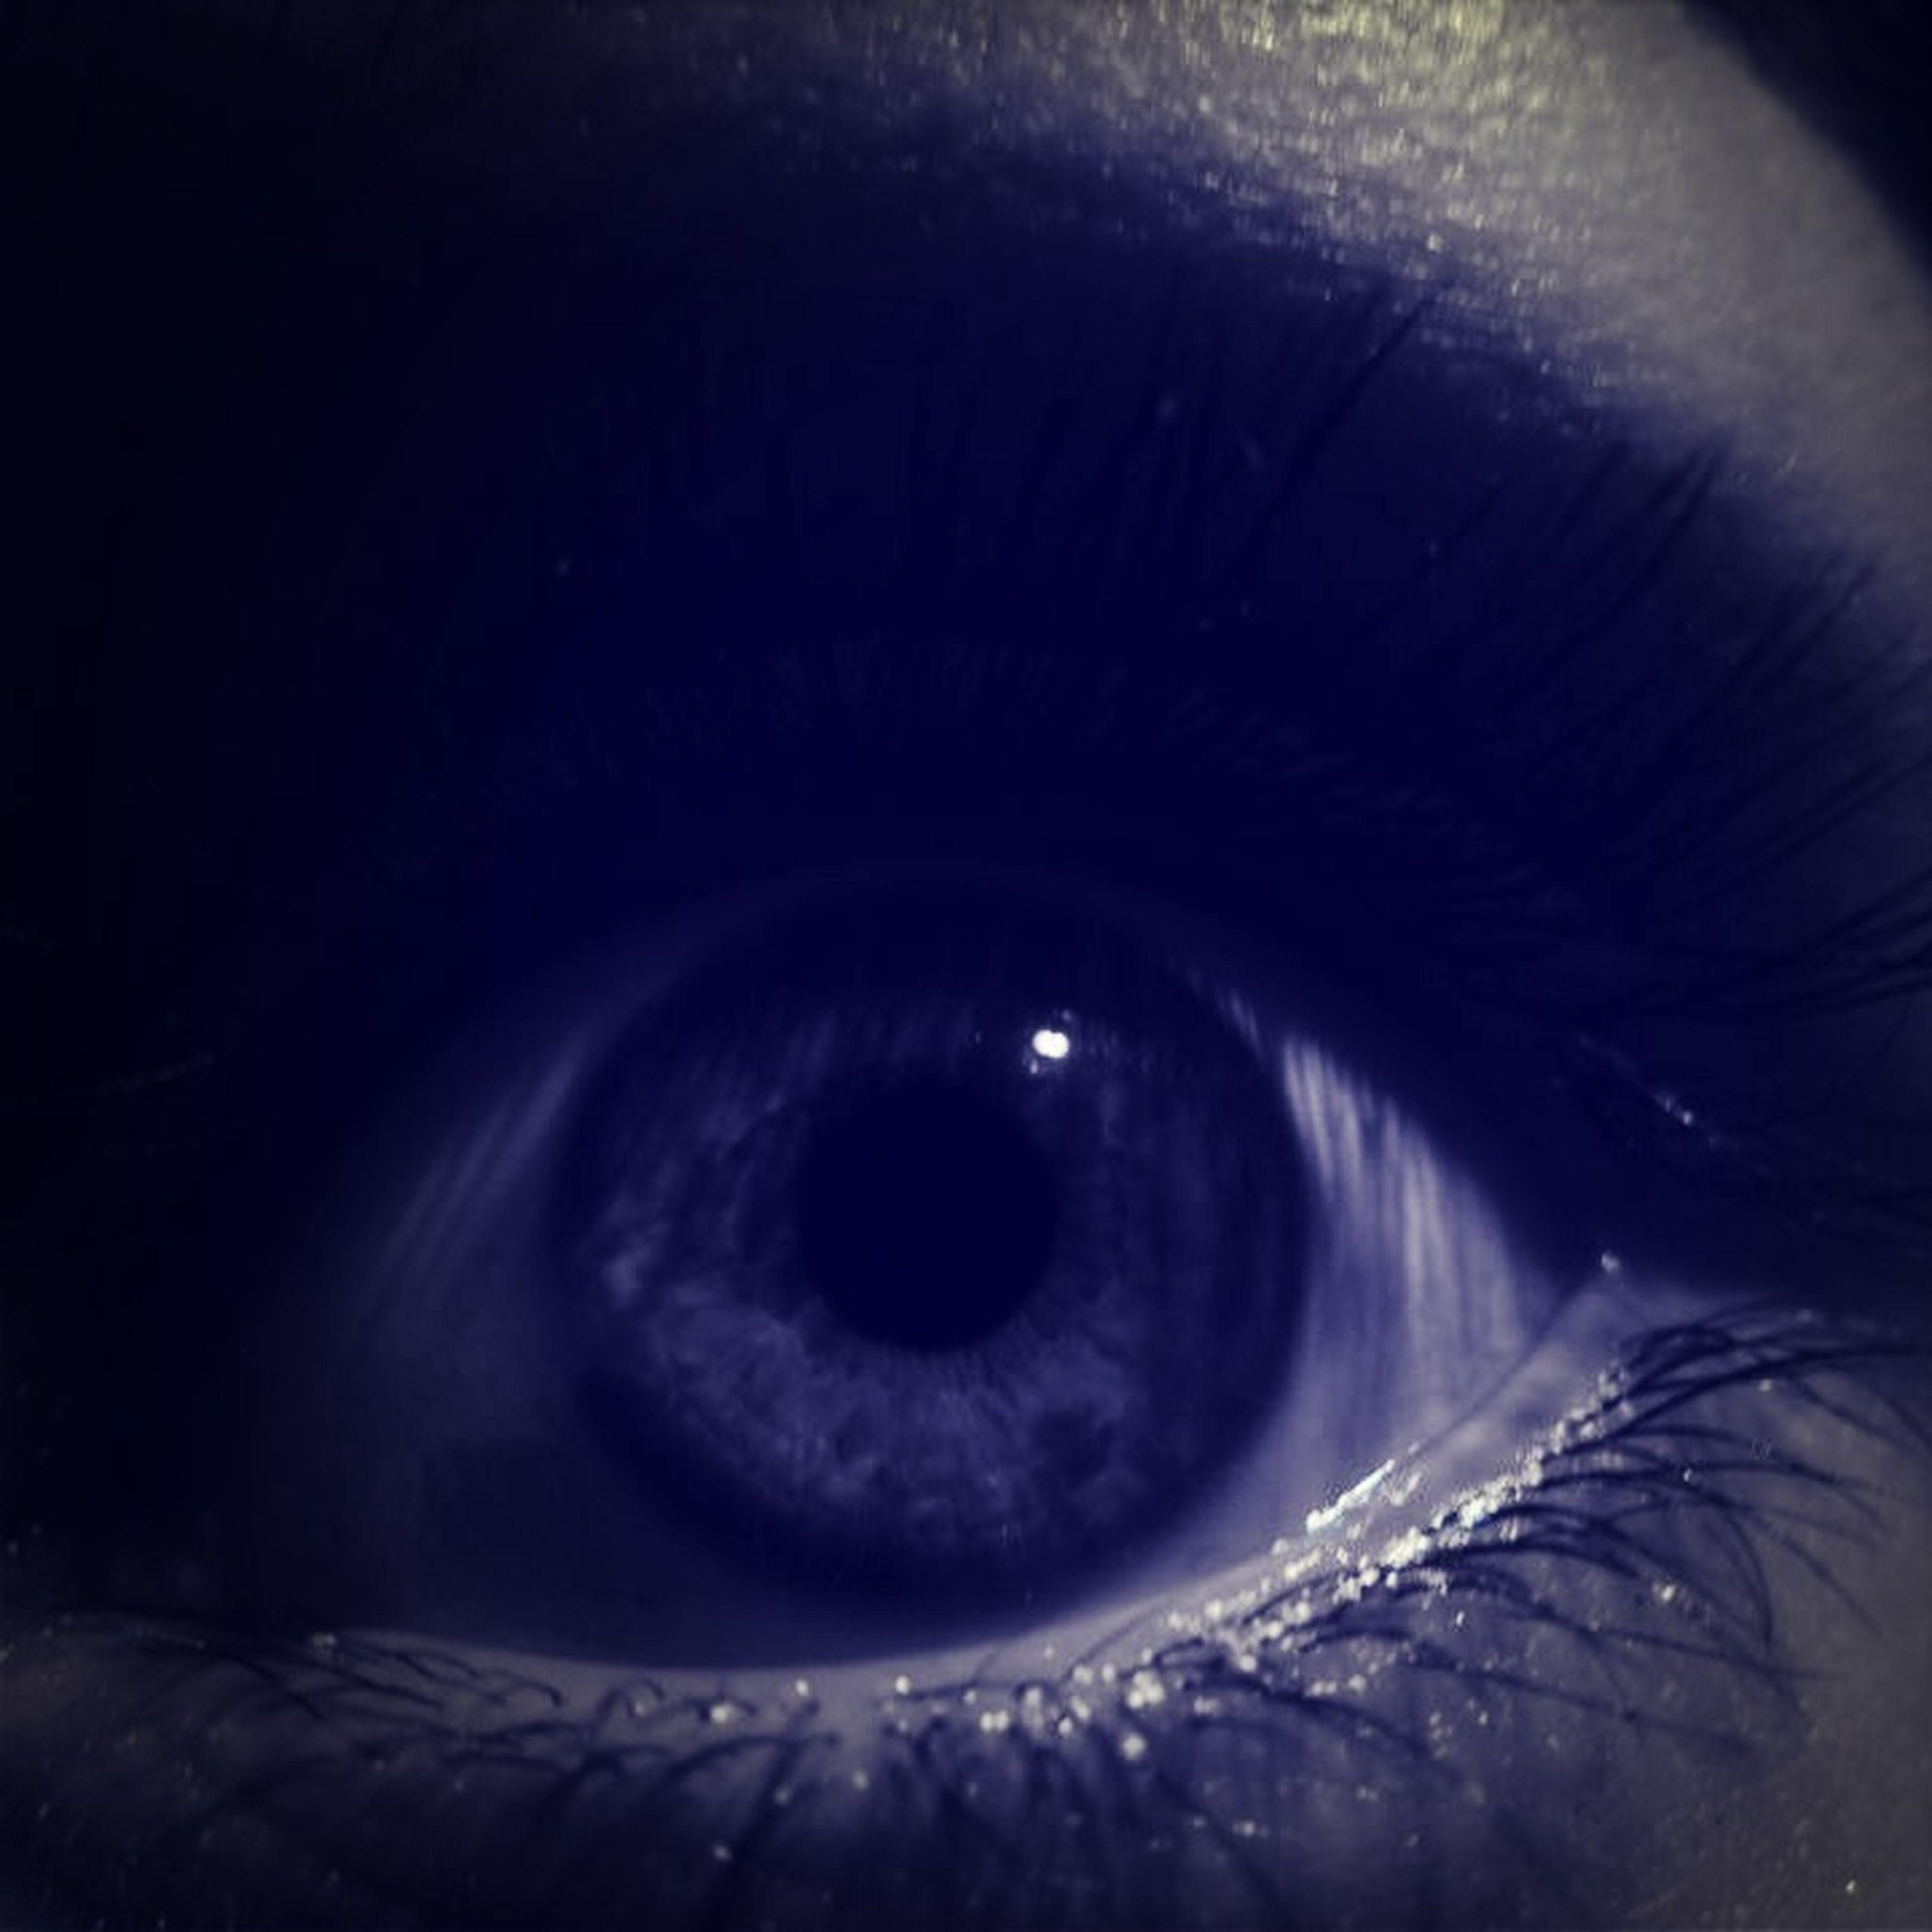 close-up, human eye, eyesight, eyelash, sensory perception, indoors, part of, extreme close-up, extreme close up, looking at camera, eyeball, portrait, animal body part, detail, unrecognizable person, animal eye, iris - eye